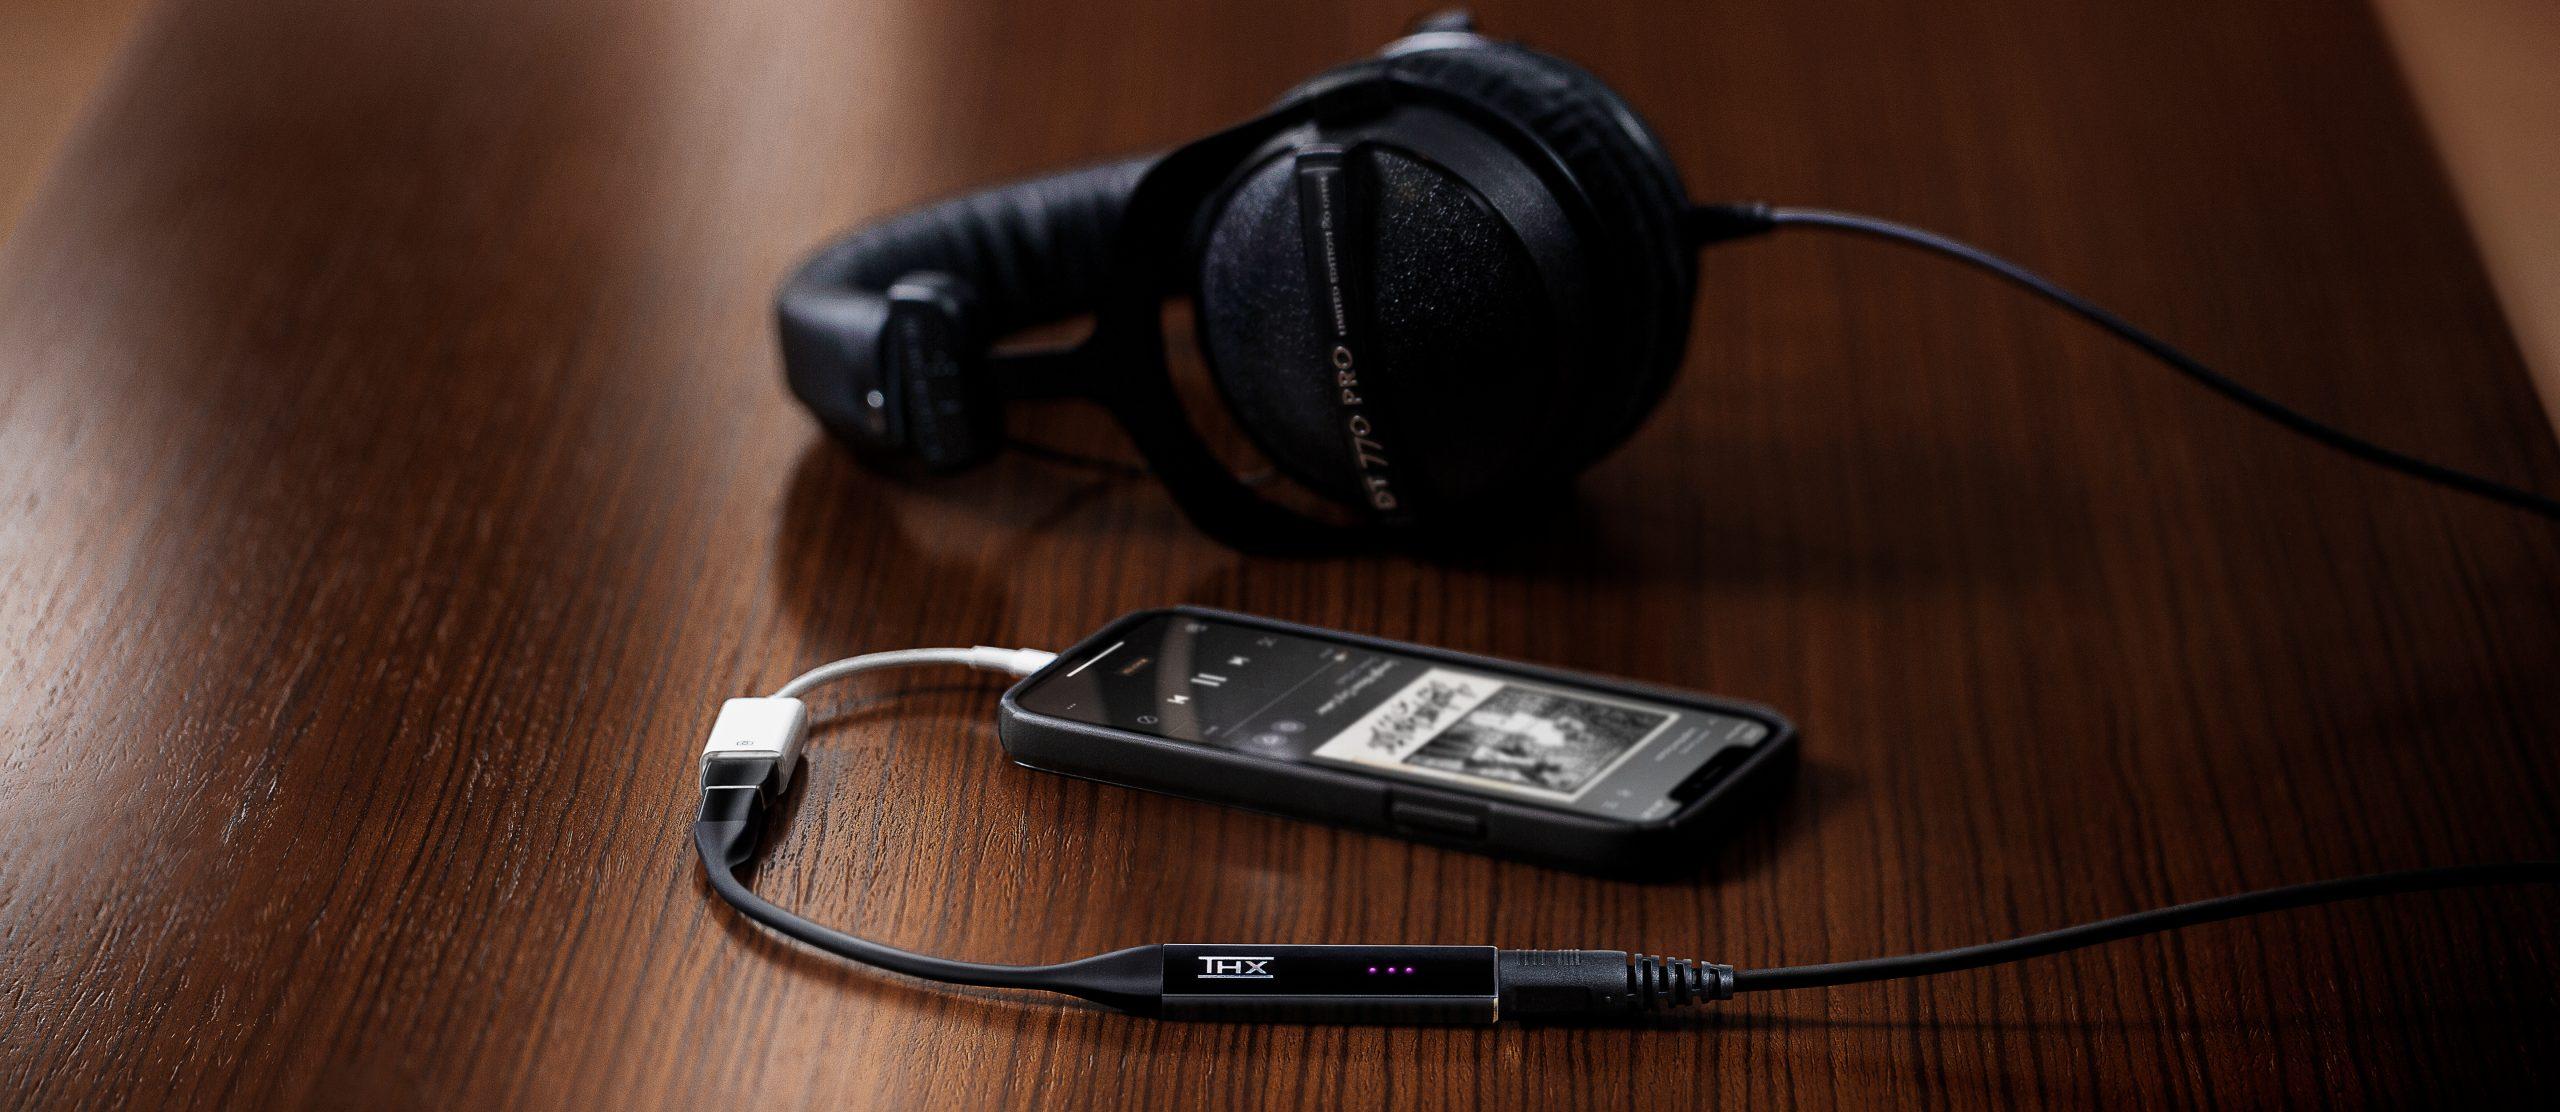 THX Onyx DT 770 Pro Headphones & iPhone 2560x1112